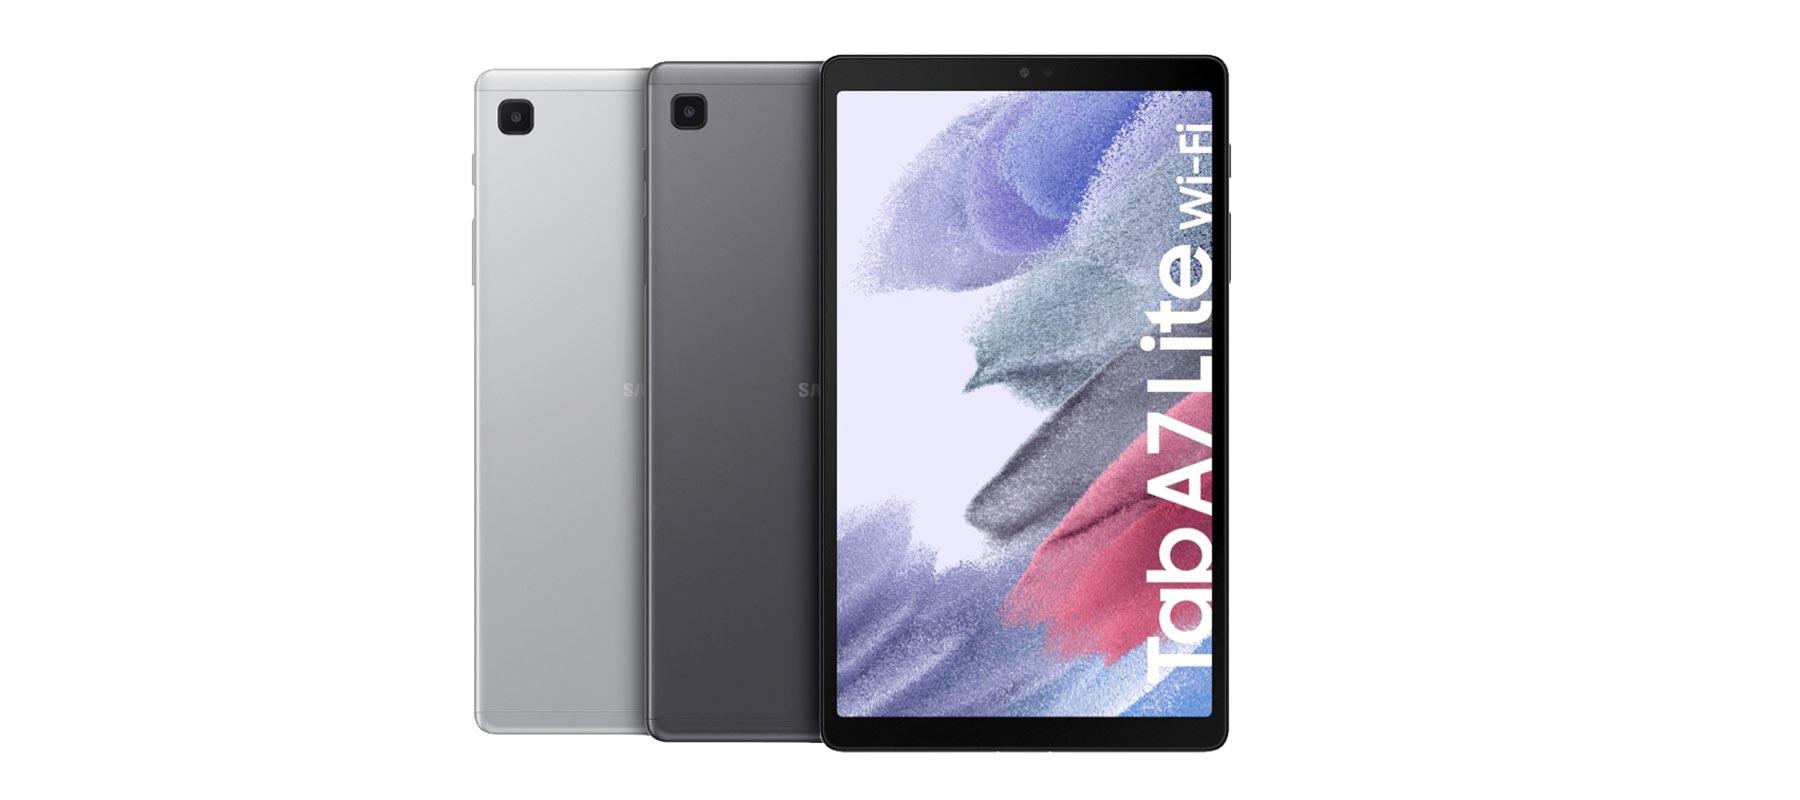 طراحی بدنه تبلت سامسونگ Galaxy Tab A7 Lite SM-T225